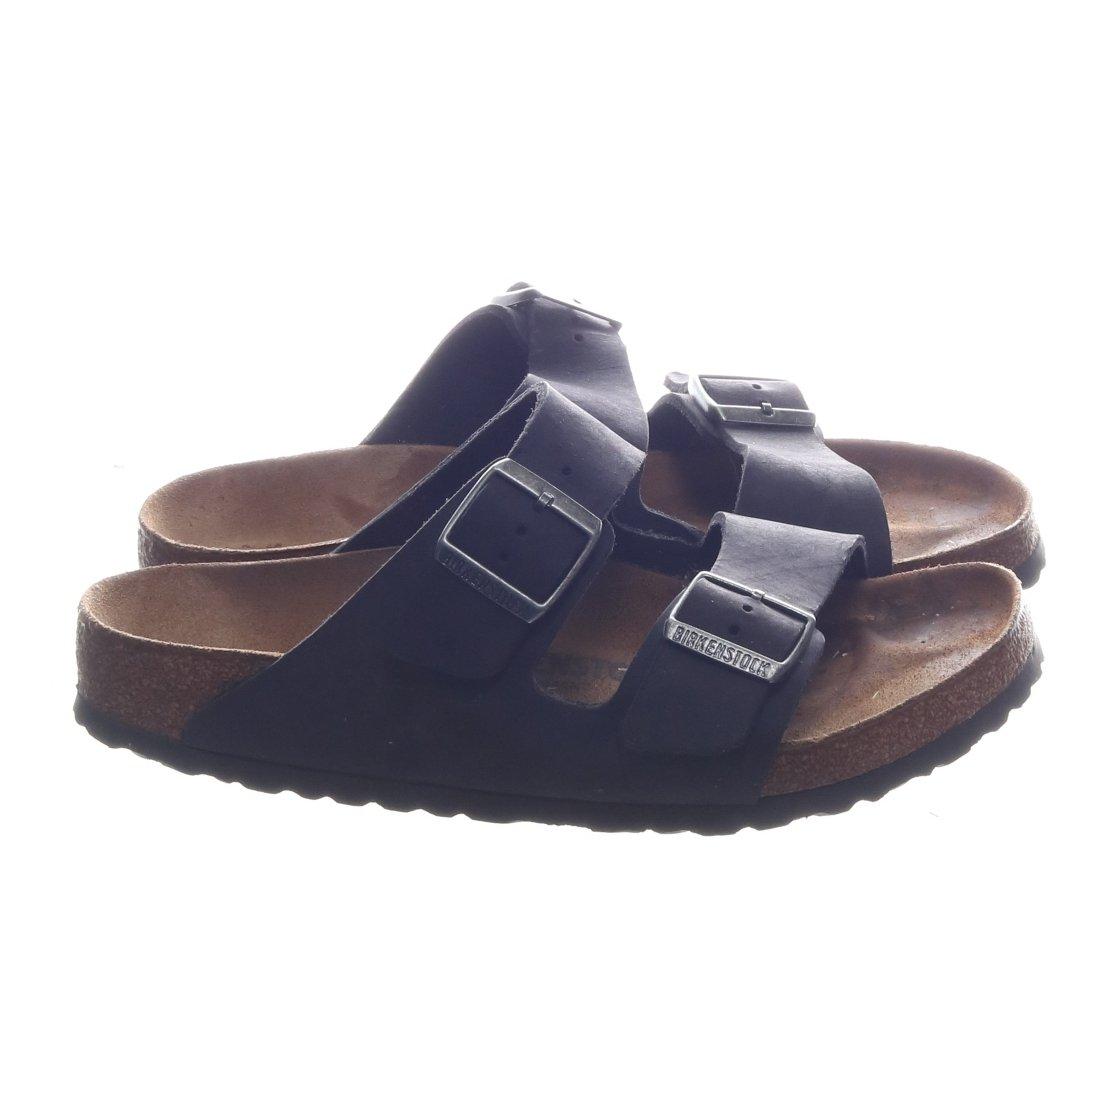 Rimligt prissatt fånga bästa sneakers Birkenstock, Tofflor, Strl: 40, Arizona, .. (361001062) ᐈ Sellpy ...